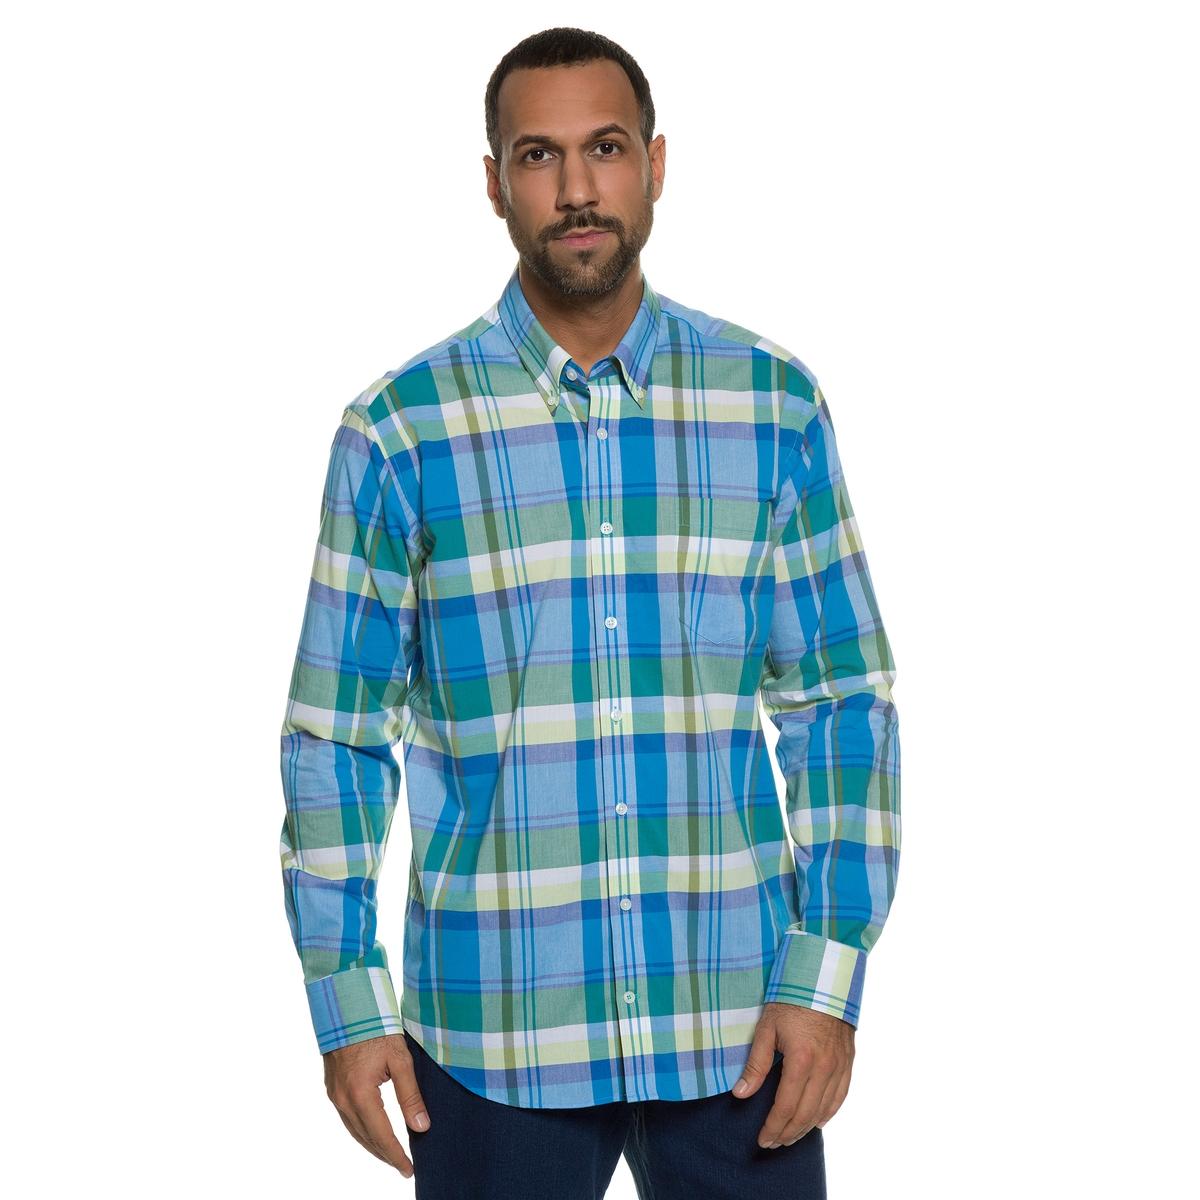 РубашкаРубашка в клетку. Нагрудный карман, воротник с уголками на пуговицах, внутренняя часть манжет из оксфорда . Слегка приталенный покрой позволяет носить рубашку также поверх брюк на свободный манер. Длина в зависимости от размера ок. 78-94 см<br><br>Цвет: в клетку